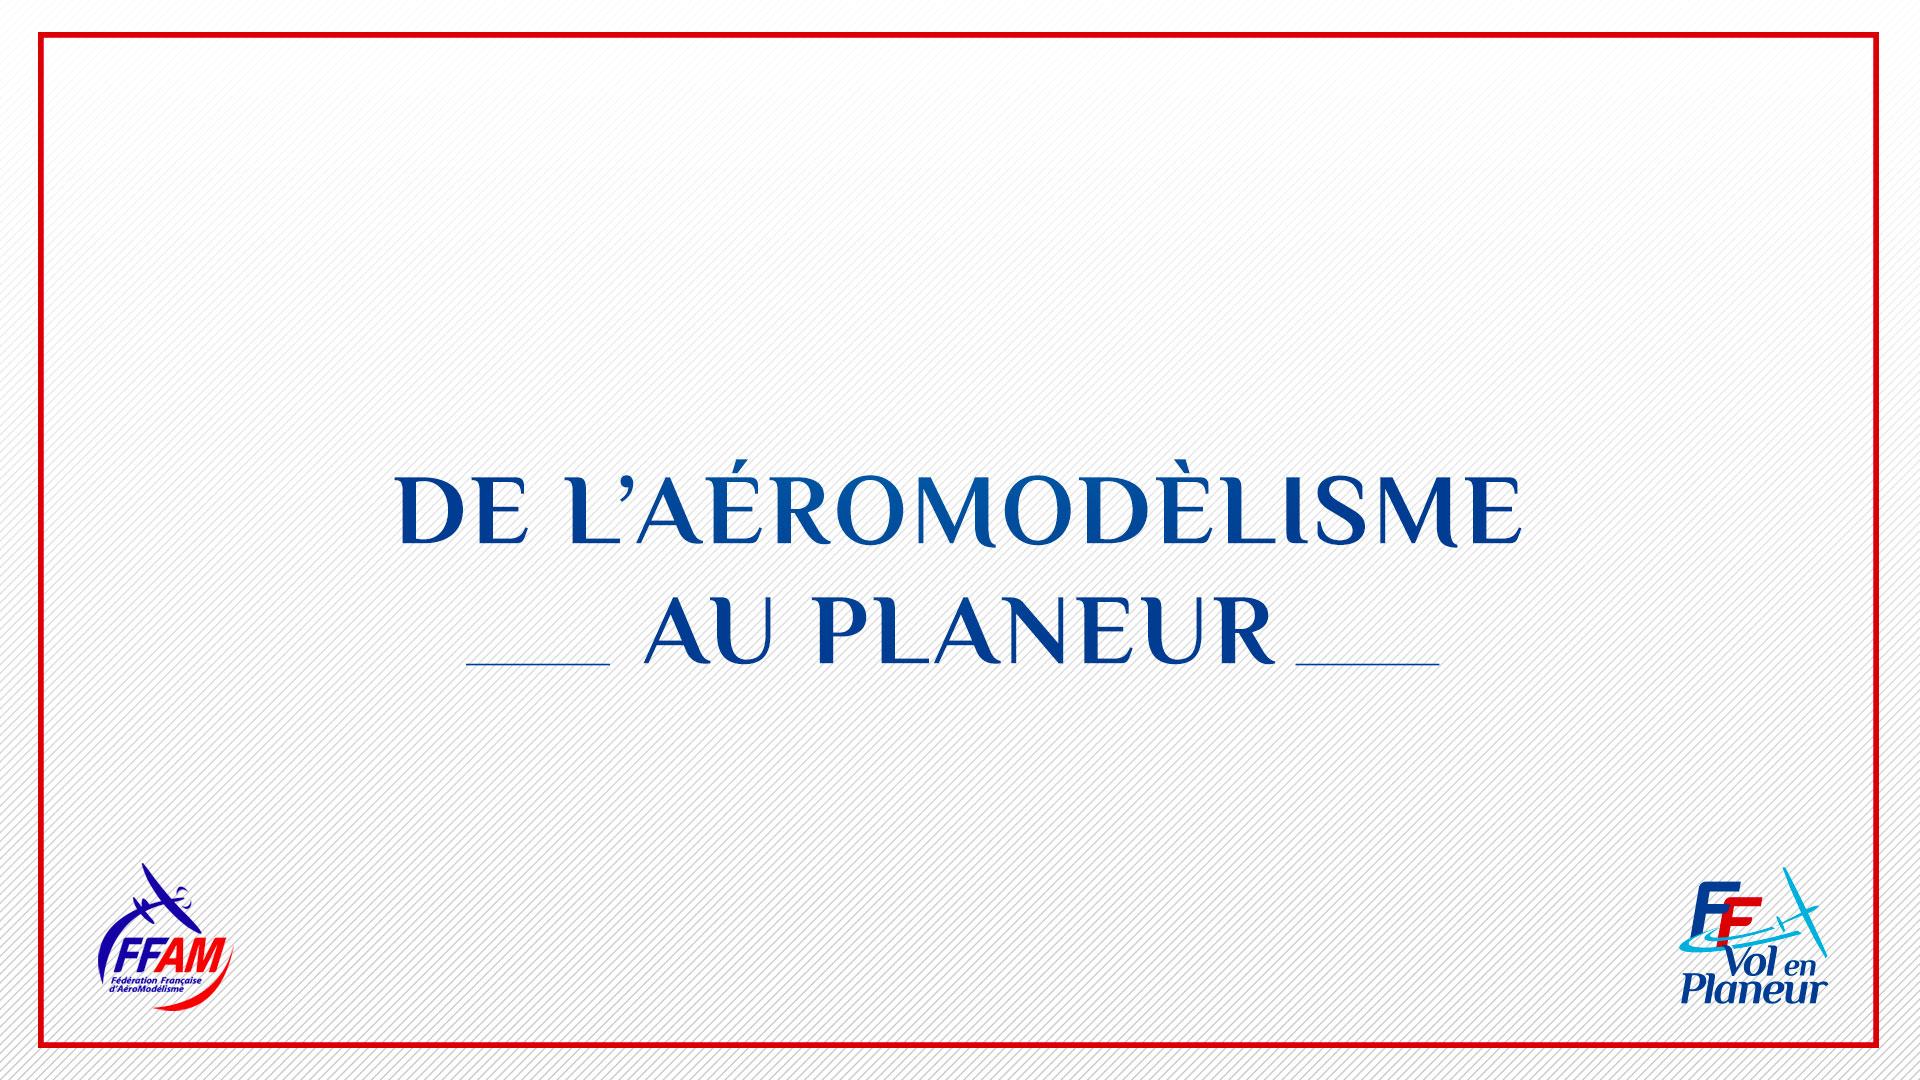 De l'aéromodélisme au planeur